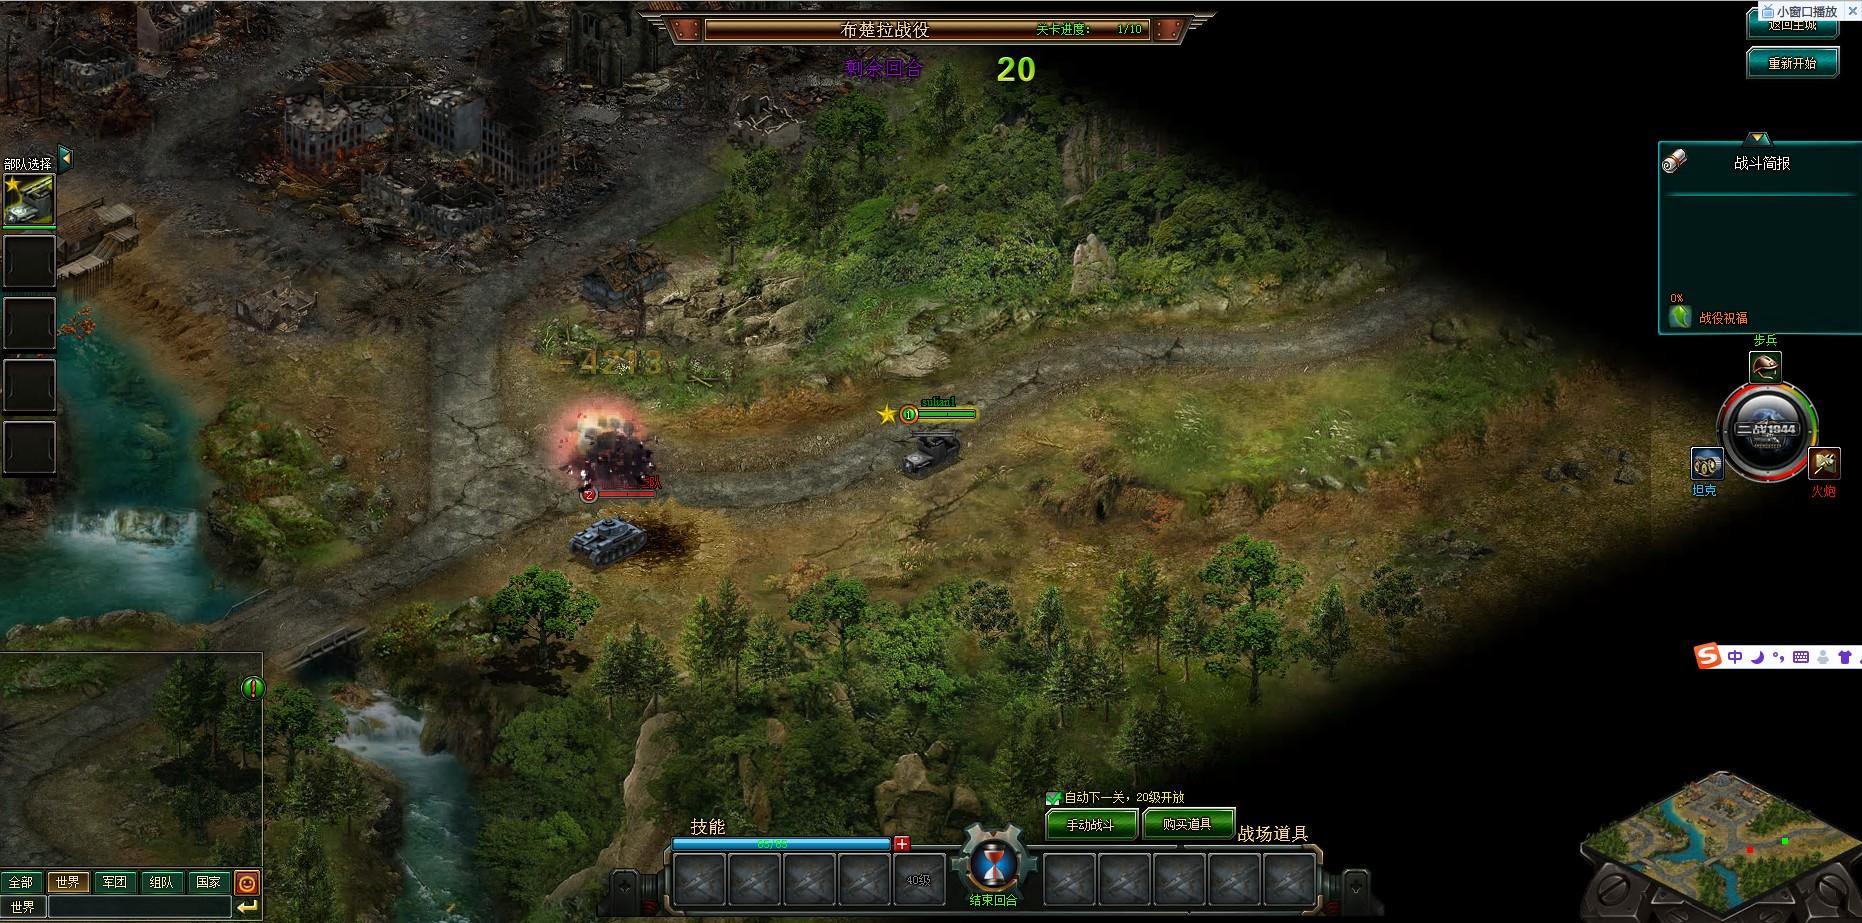 战争题材游戏《胜利曙光》截图